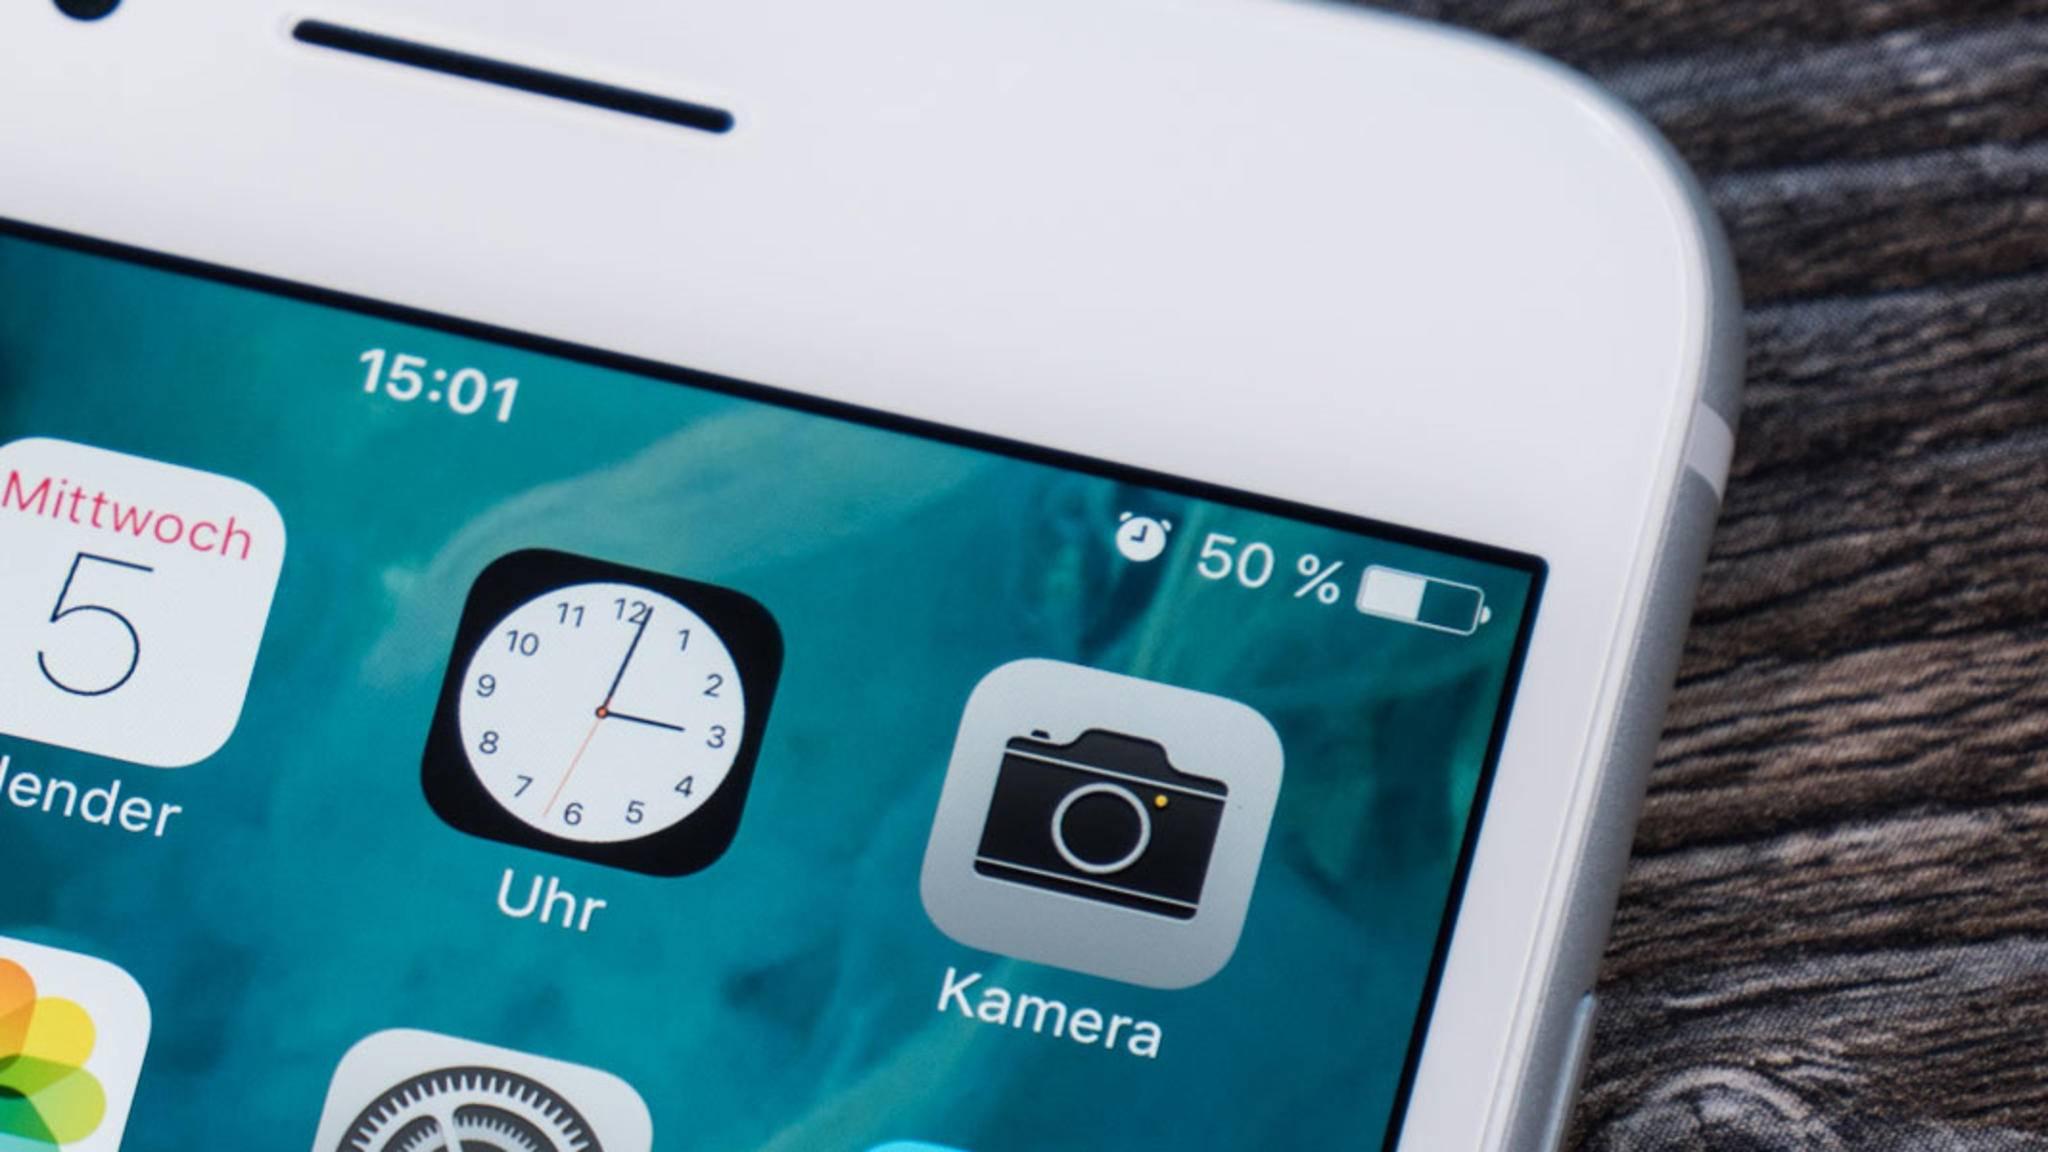 Auflösung oder Format gehören endlich direkt in die Kamera-App – und nicht in die Einstellungen.